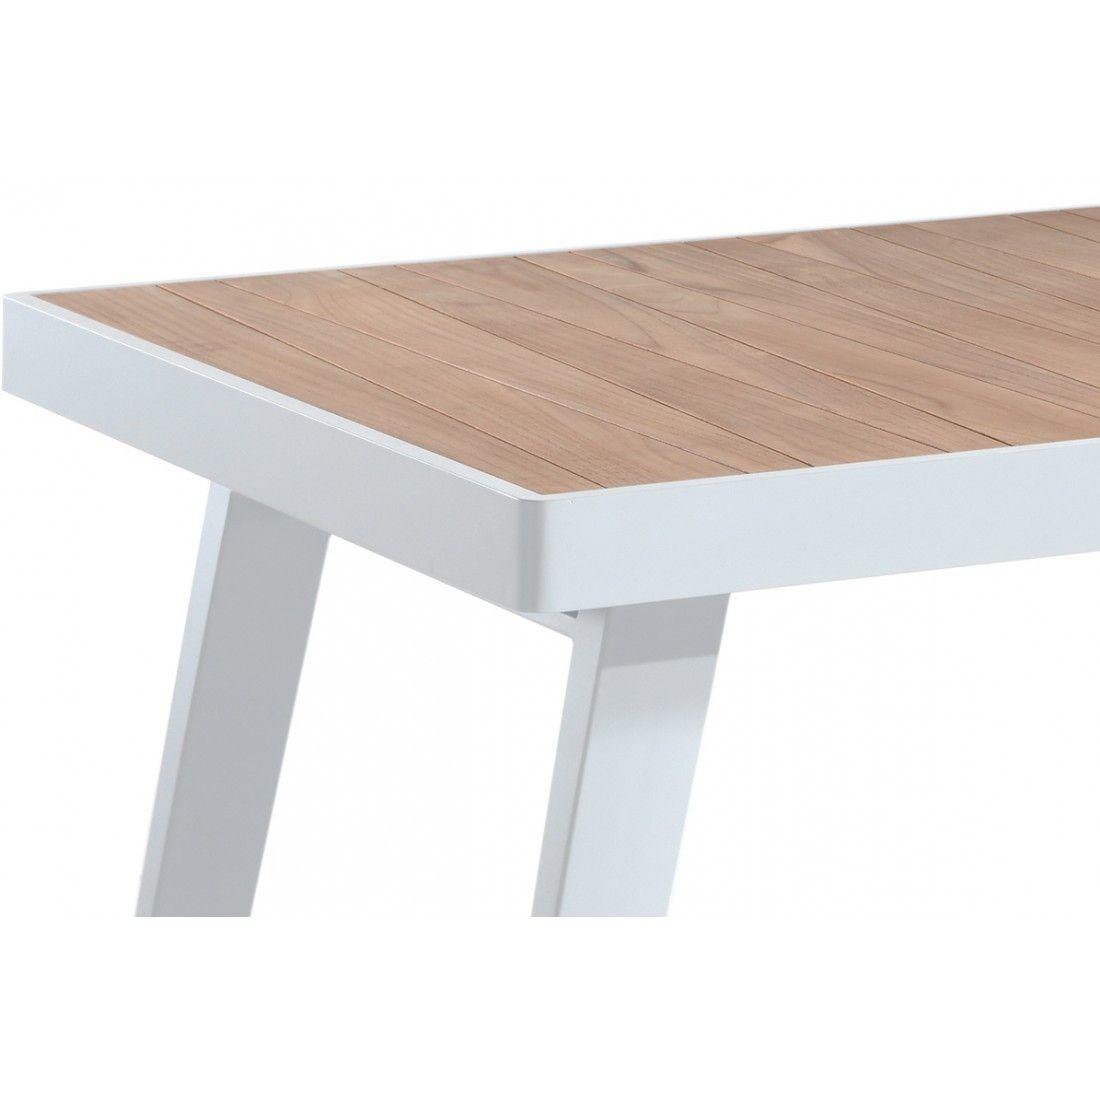 Table en teck massif 220 cm avec piètement en alu, Corso